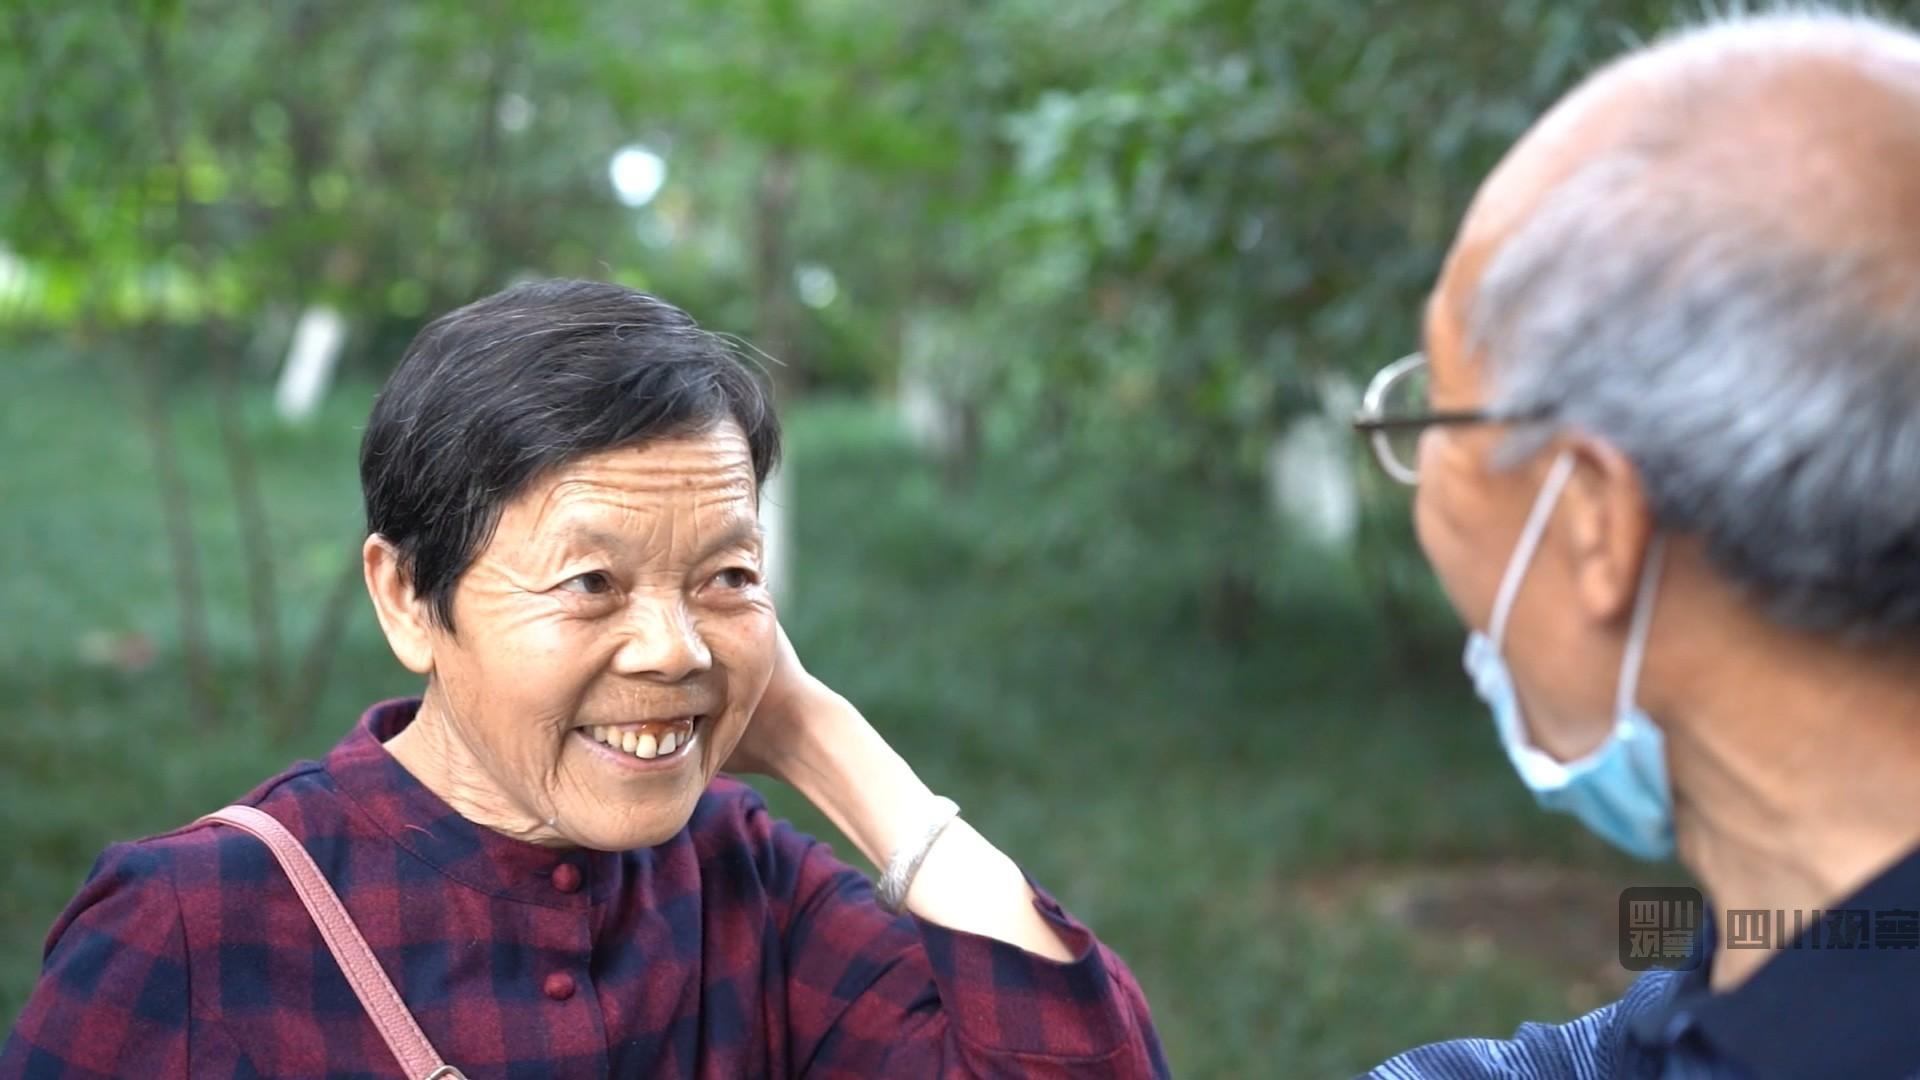 北京爱情故事电影在线观看完整版,北京爱情故事电影免费观看手机版  第5张